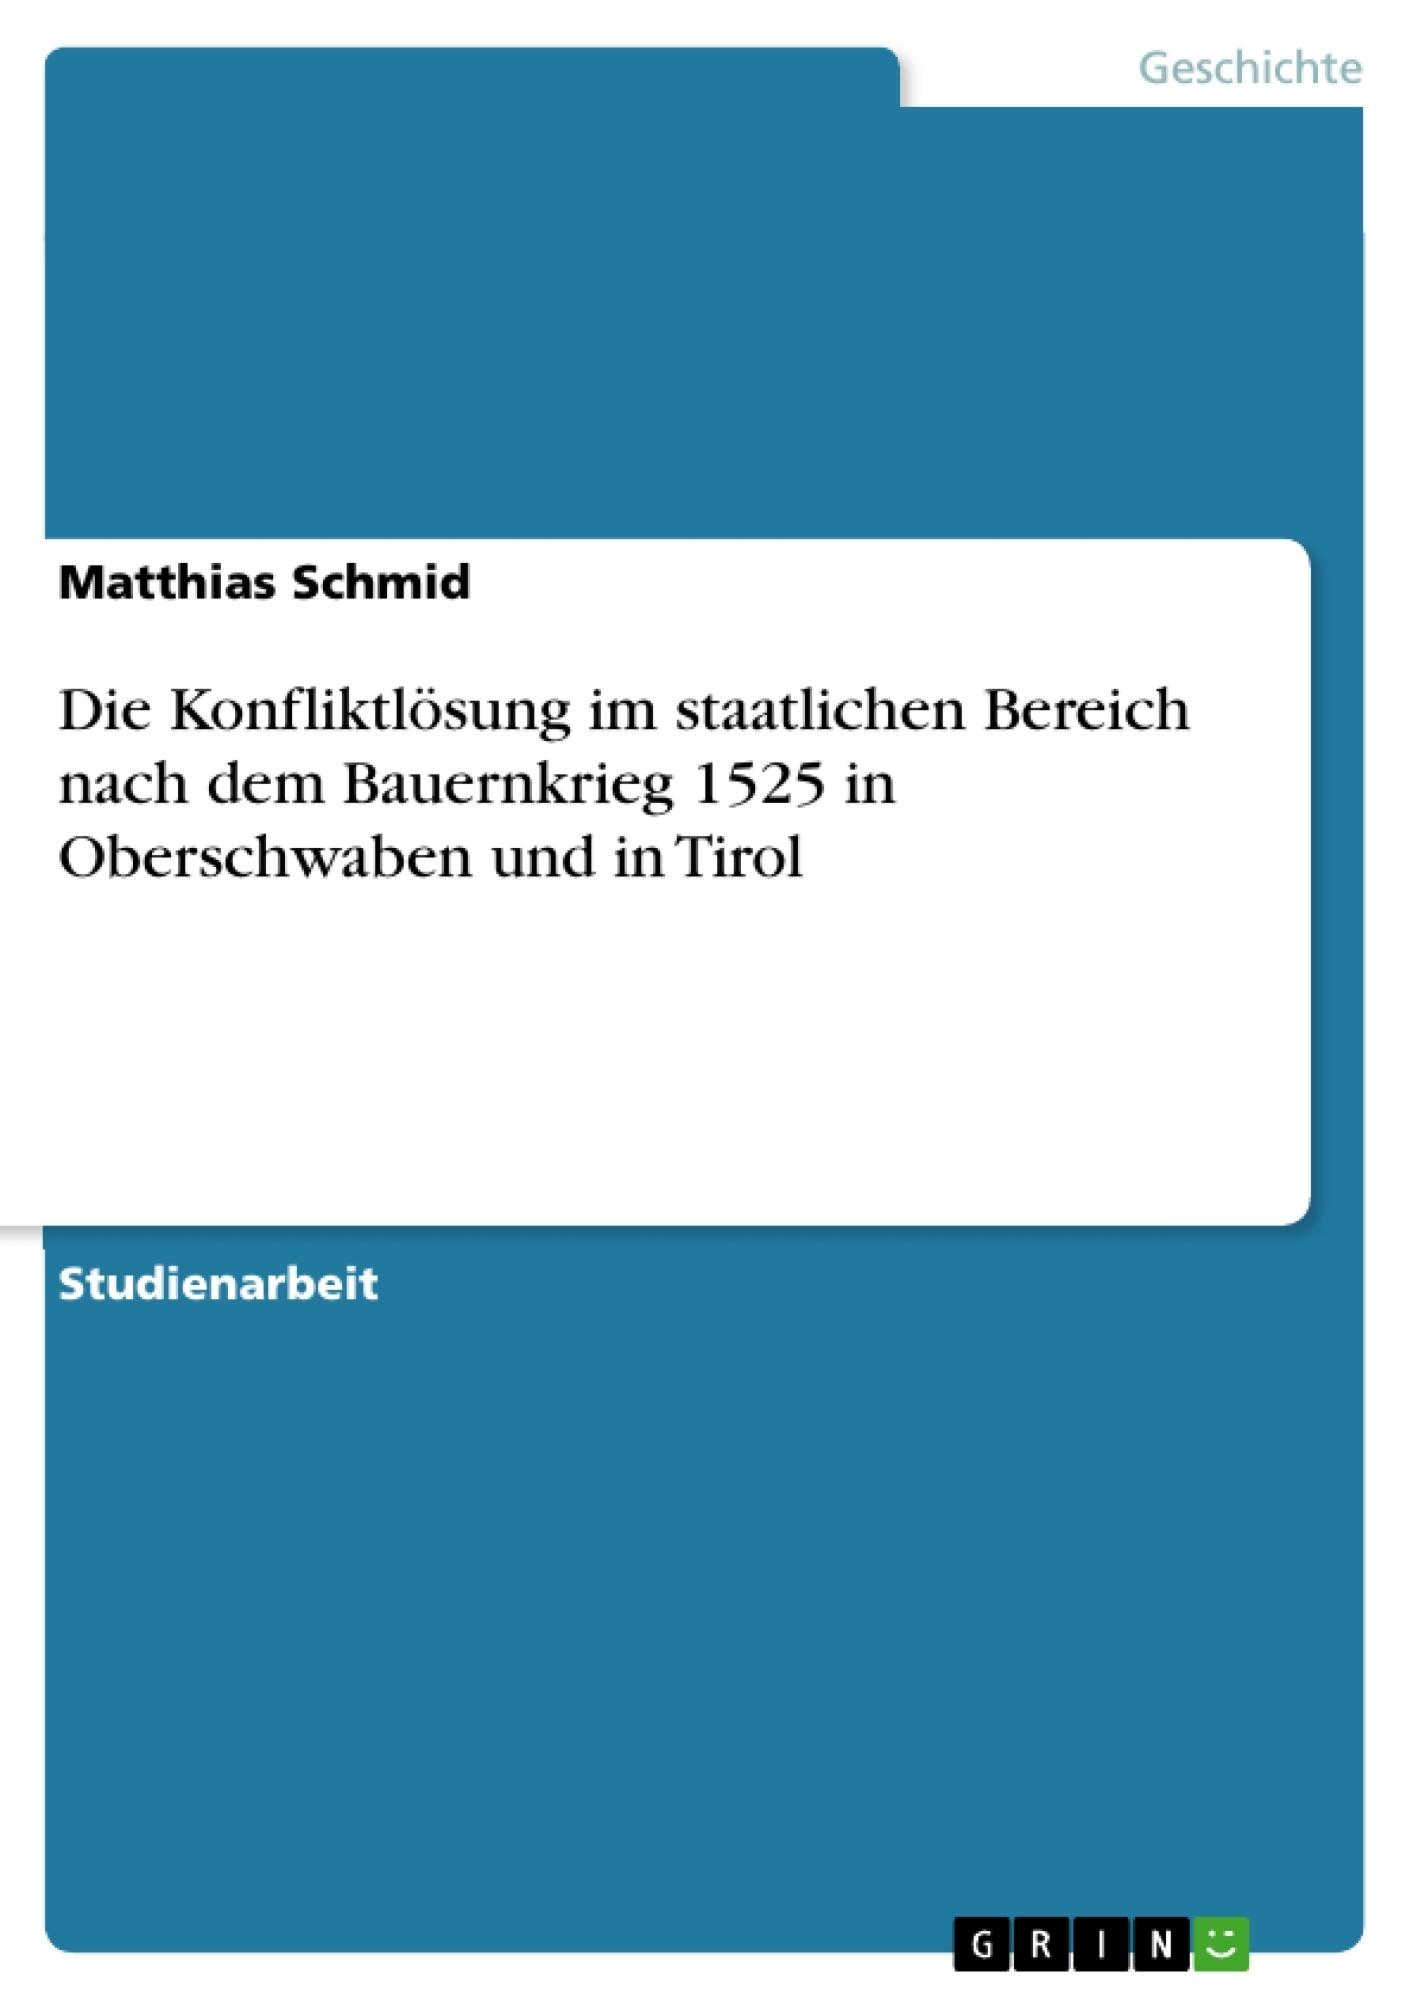 Titel: Die Konfliktlösung im staatlichen Bereich nach dem Bauernkrieg 1525 in Oberschwaben und in Tirol